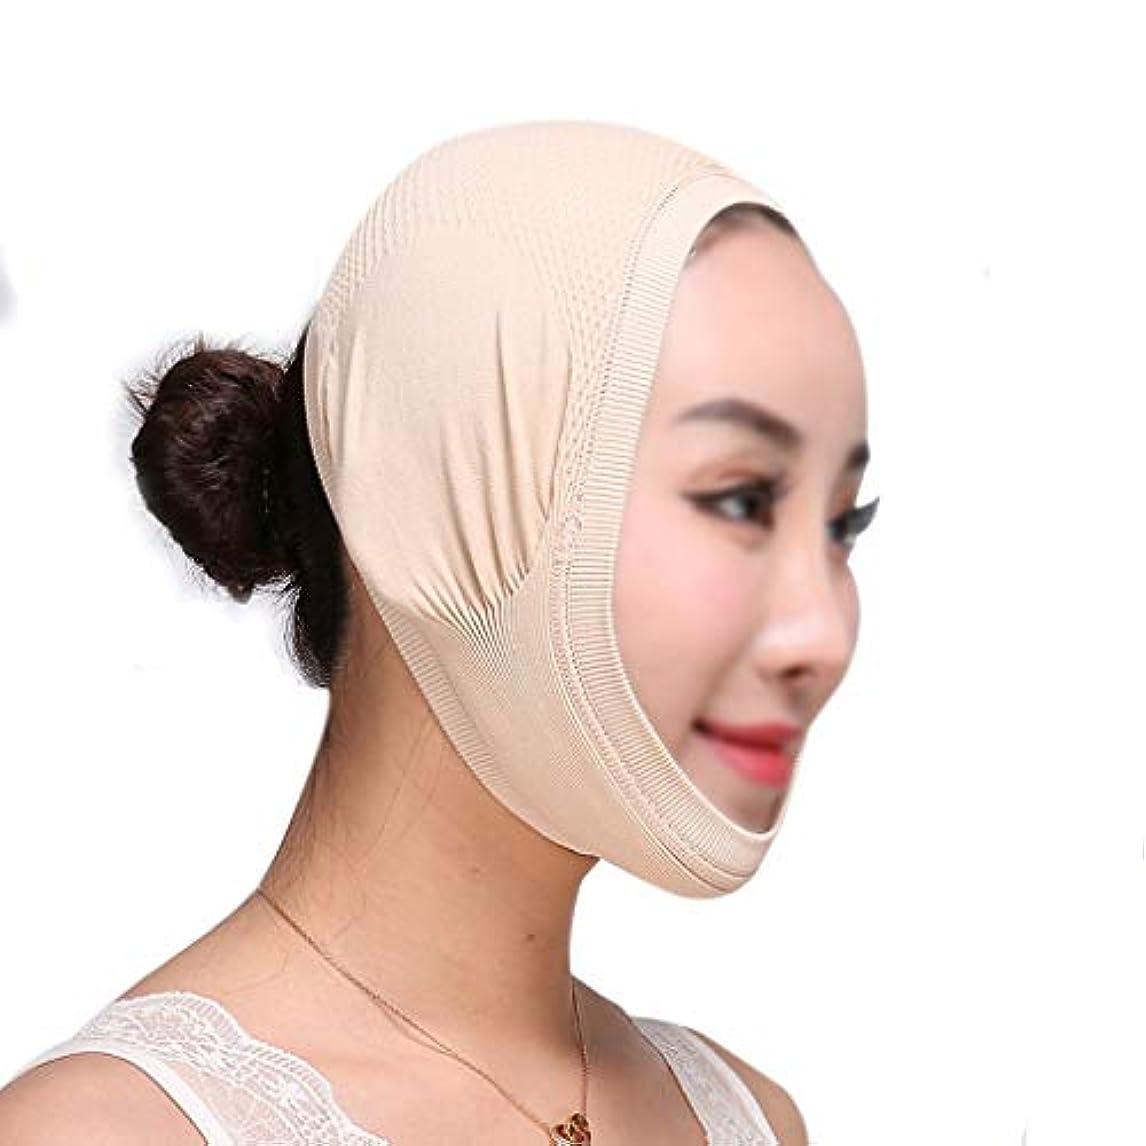 交流する司令官おめでとうXHLMRMJ 整形外科病院ライン彫刻術後回復ヘッドギア医療マスク睡眠vフェイスリフティング包帯薄いフェイスマスク (Size : Skin tone(B))